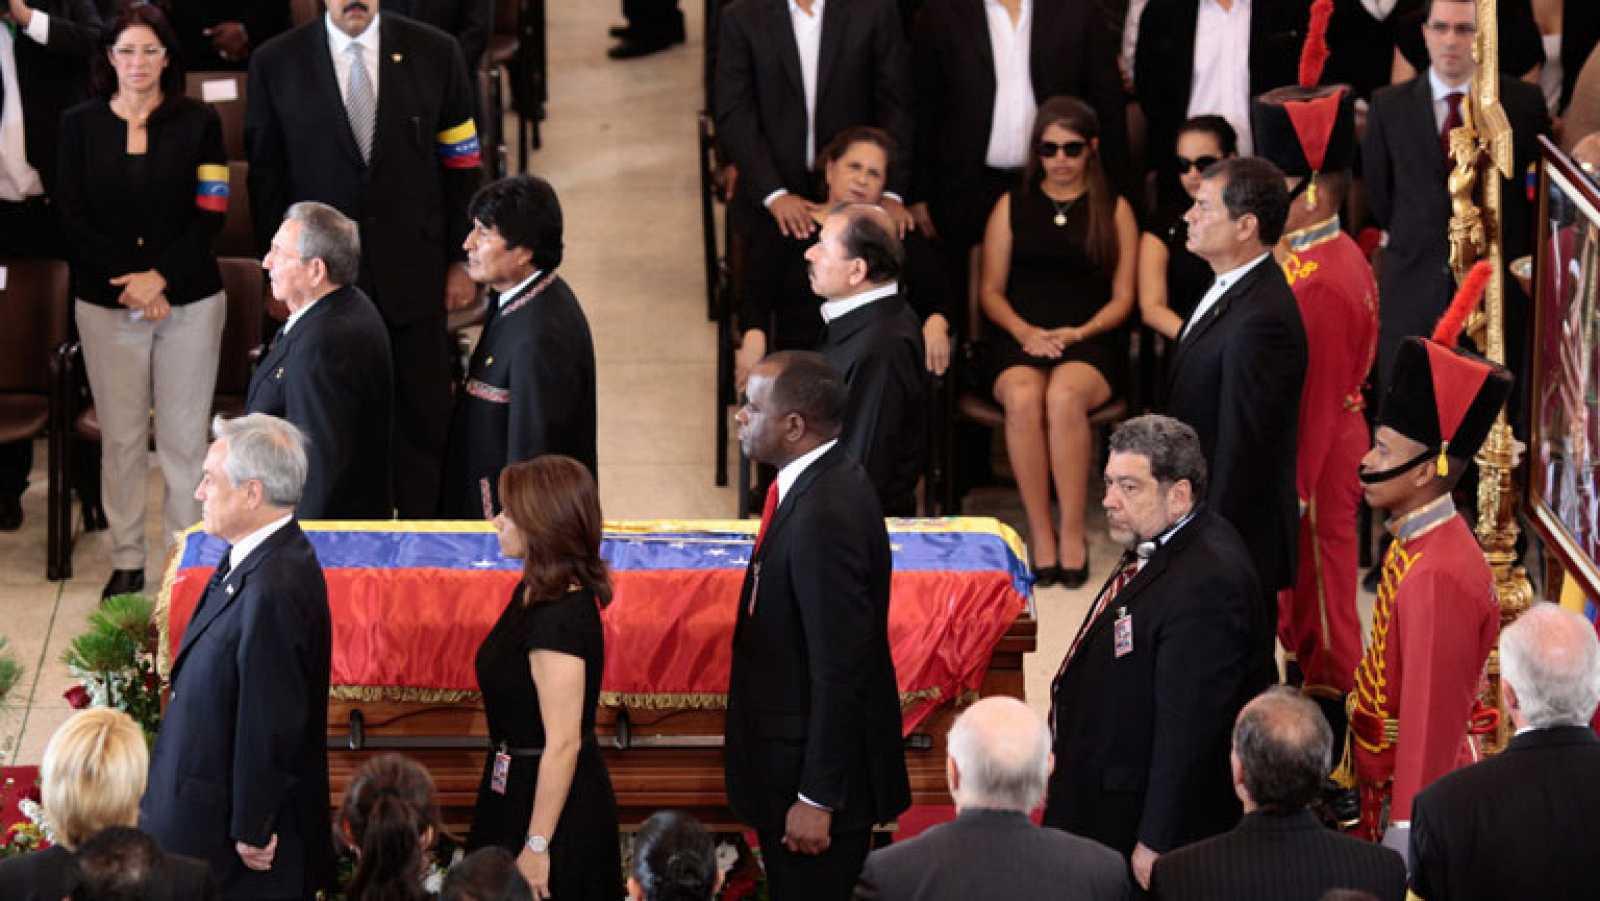 La Academia Militar acoge el funeral de Hugo Chávez